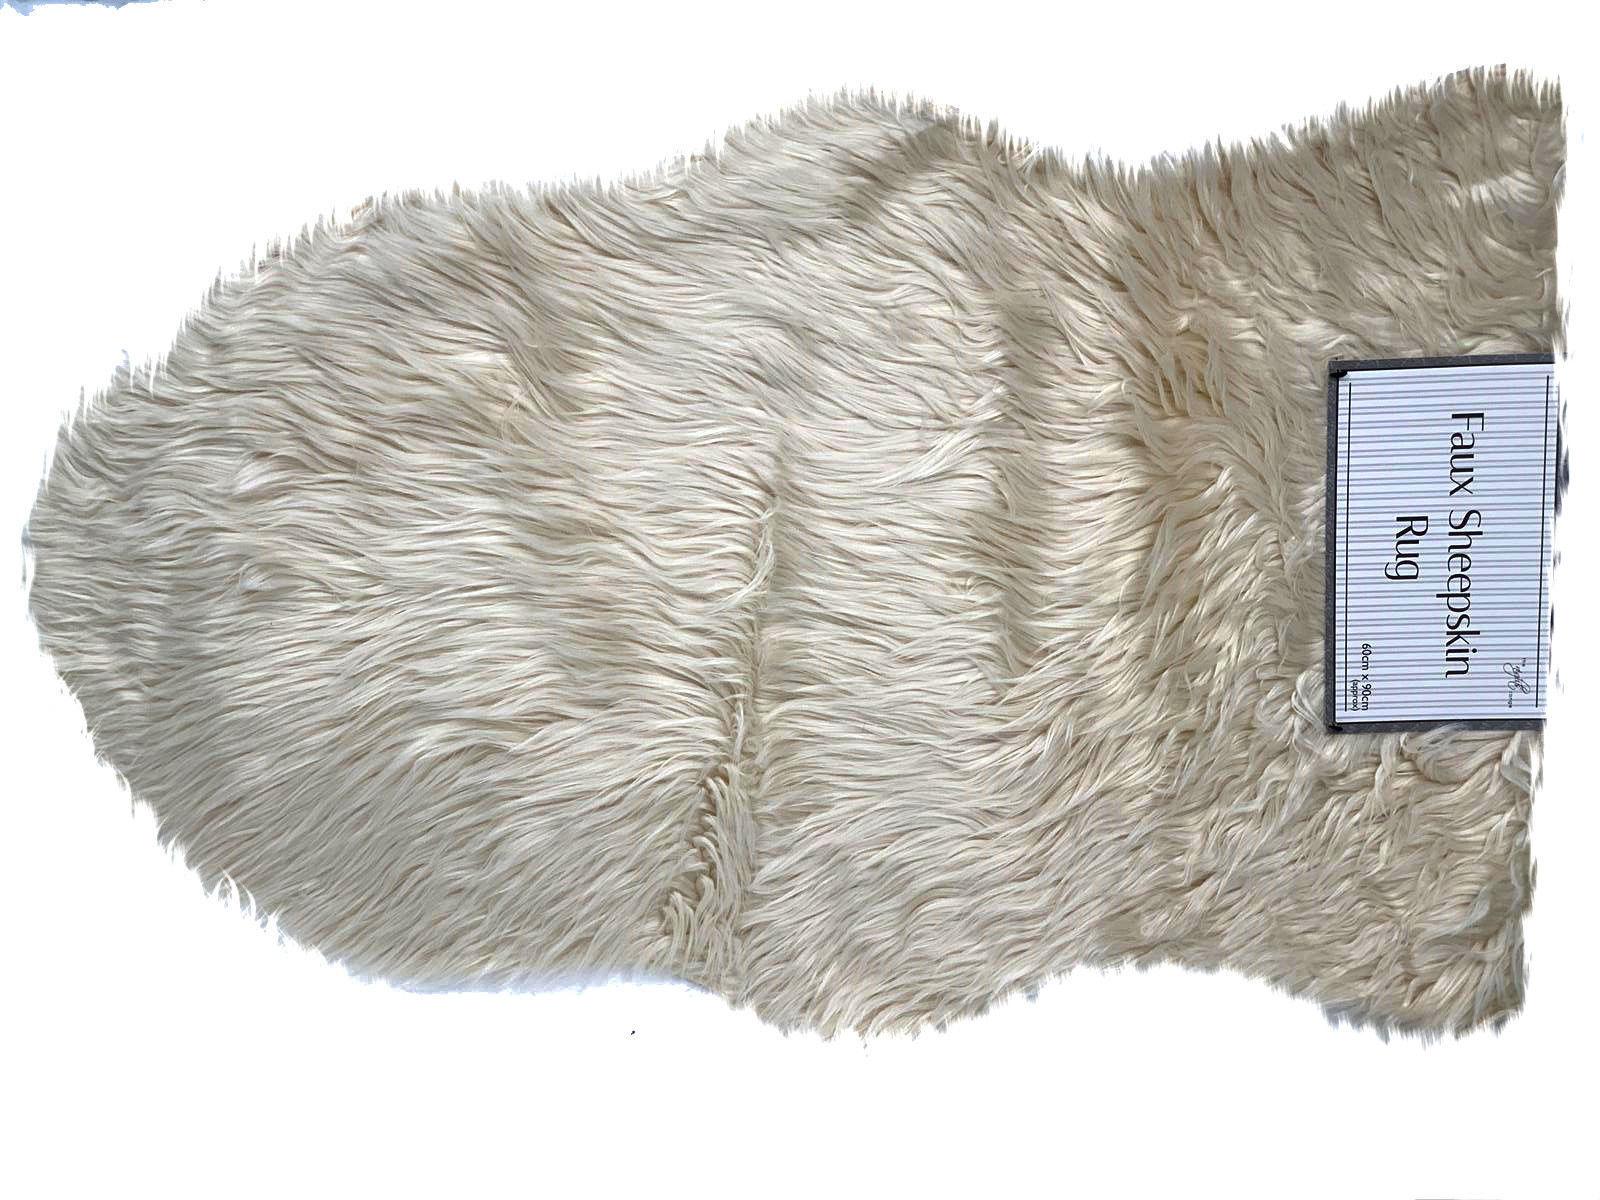 CREAM Luxury Sheepskin Fluffy Rug Soft Faux Fur Shaggy Area Rugs Room Wool Mat